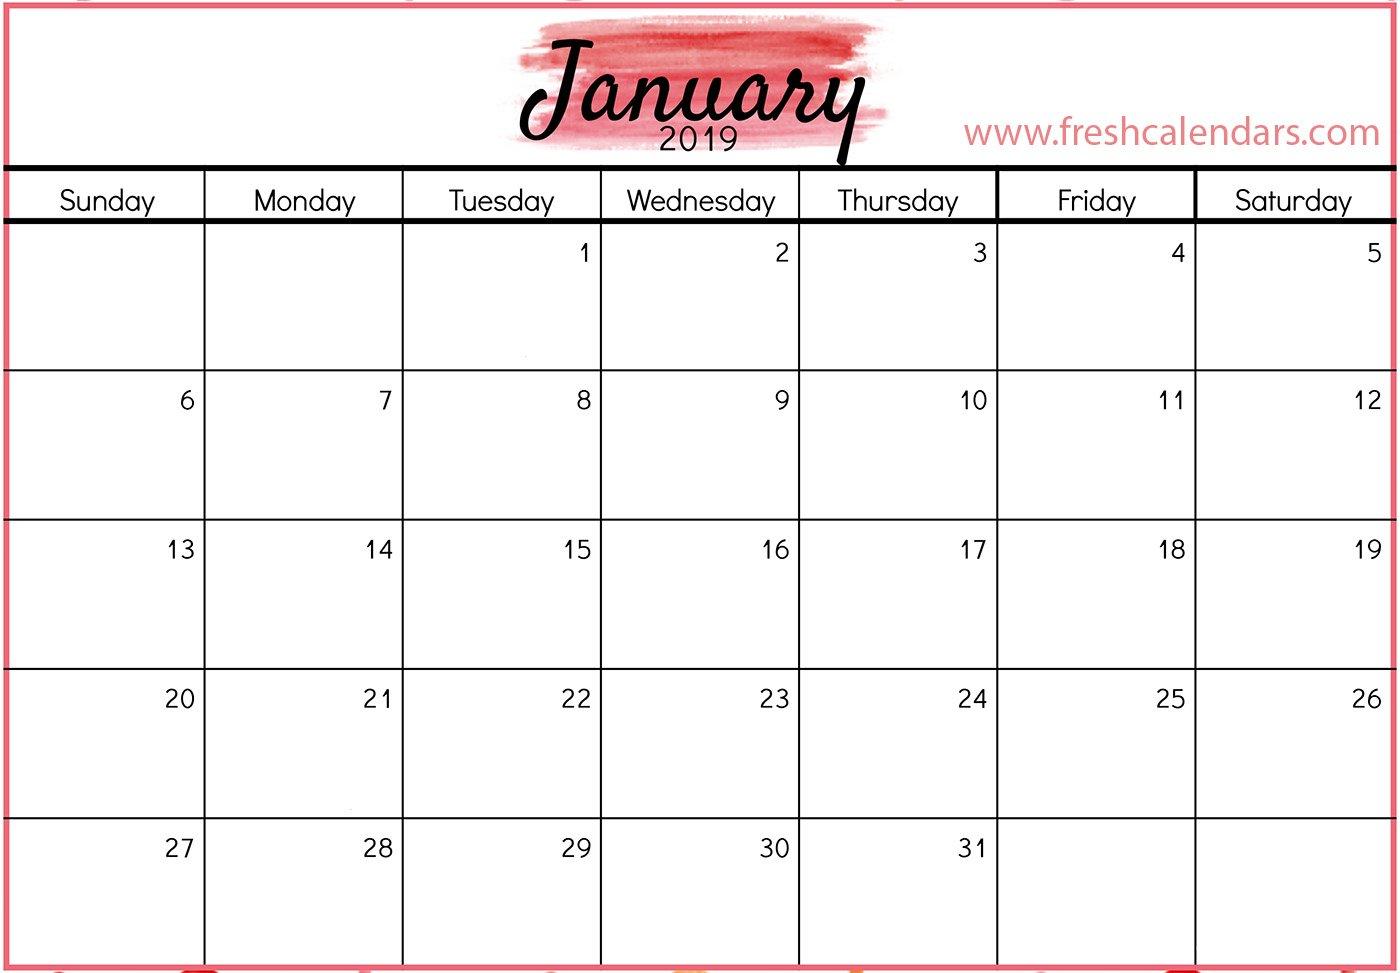 January 2019 Calendar Printable – Fresh Calendars A Calendar For January 2019